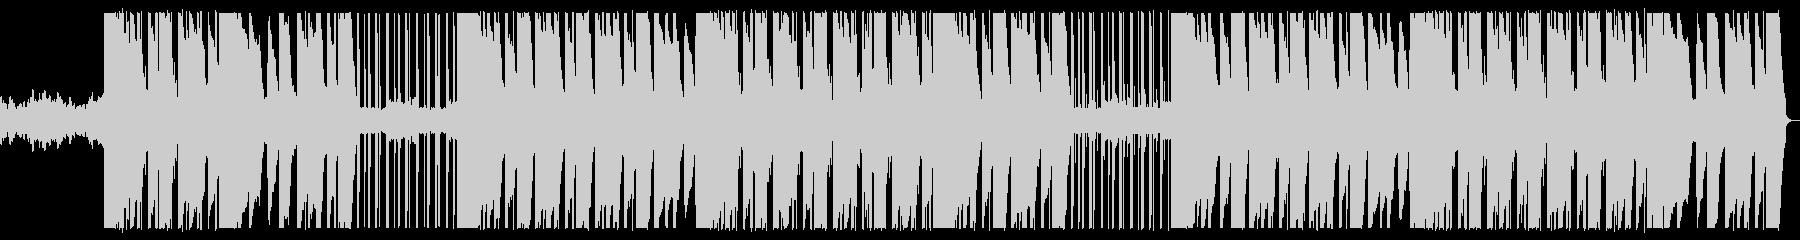 おしゃれ、ボイス、ヒップホップ、ソウルの未再生の波形